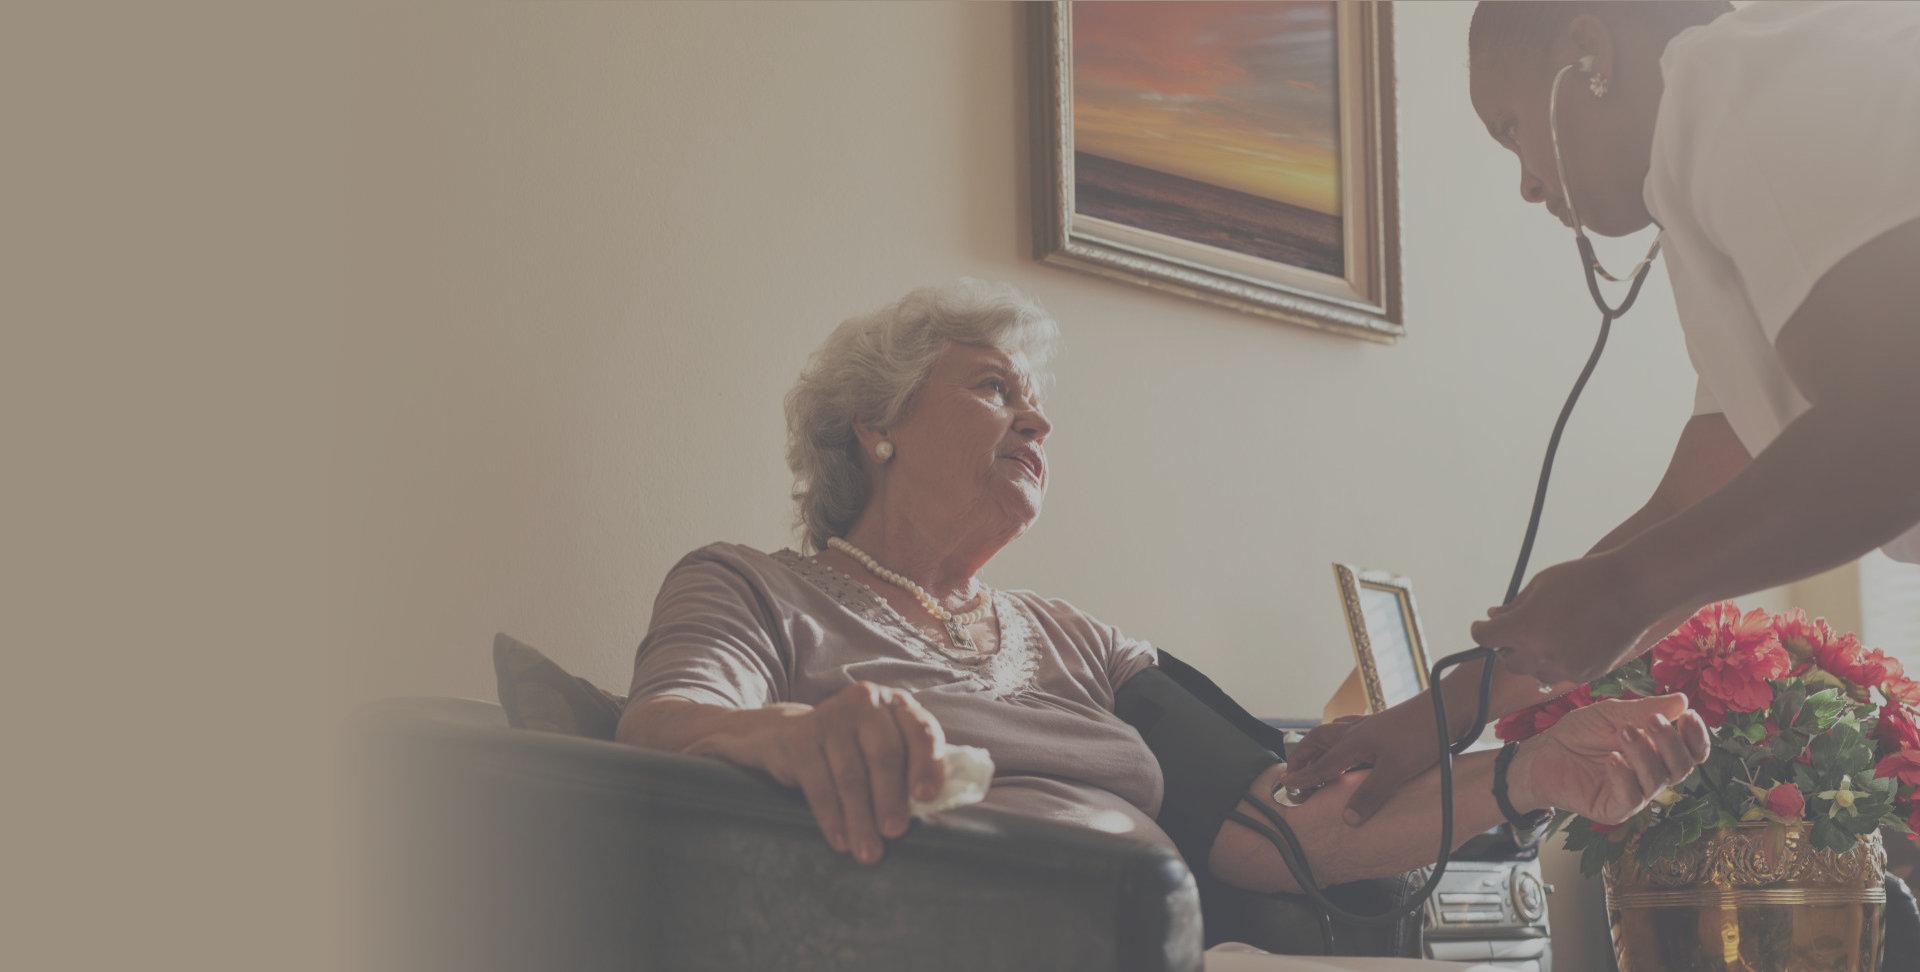 Caregiver asissts elderly